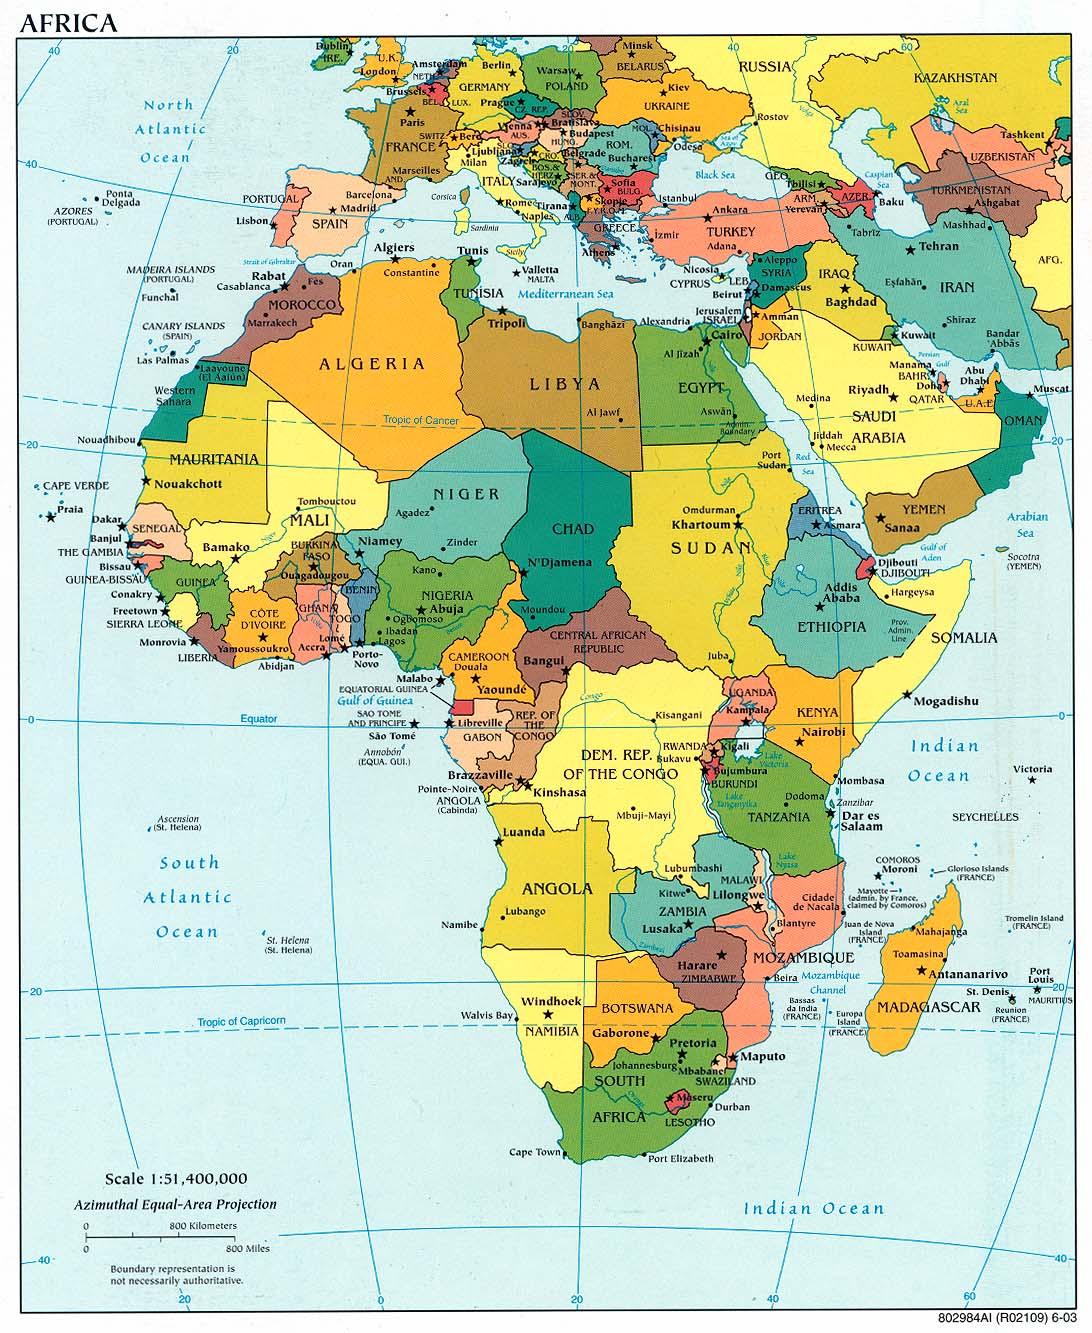 Cartina Africa In Italiano.Cartina Africa